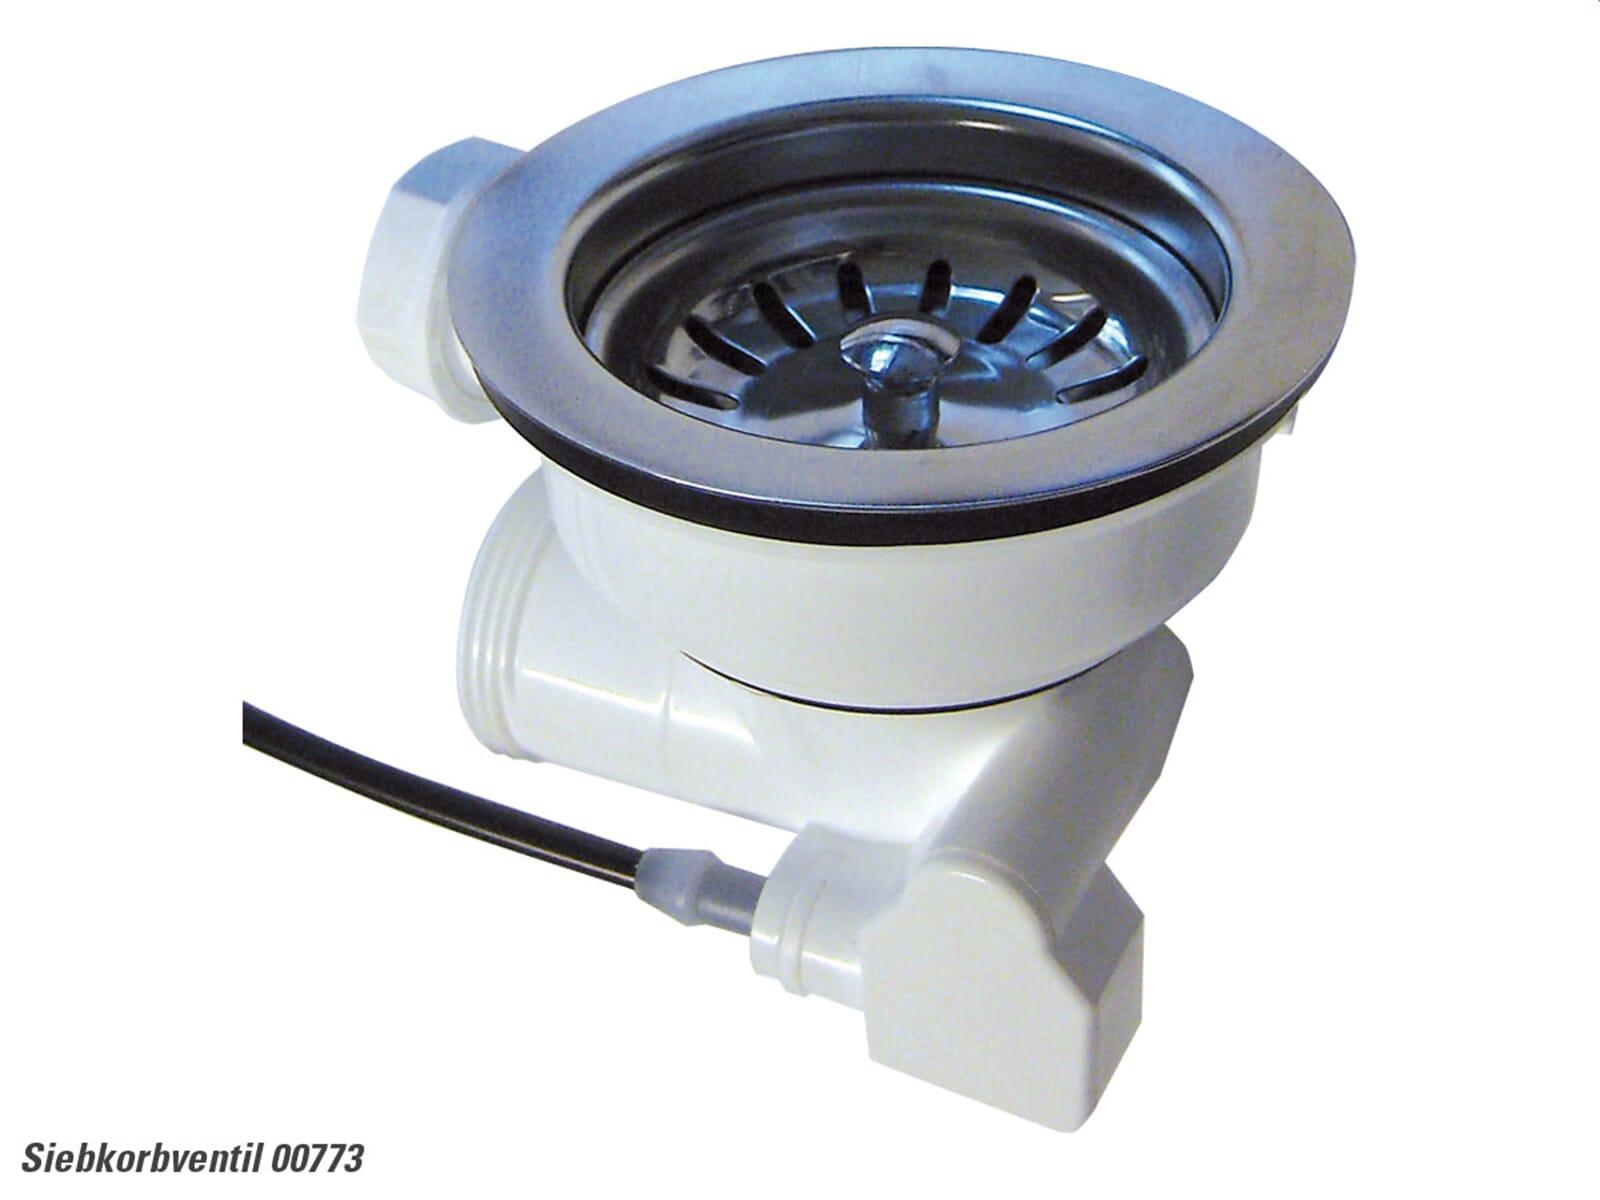 Produktabbildung Siebkorbventil mit Excenterbetätigung 00773